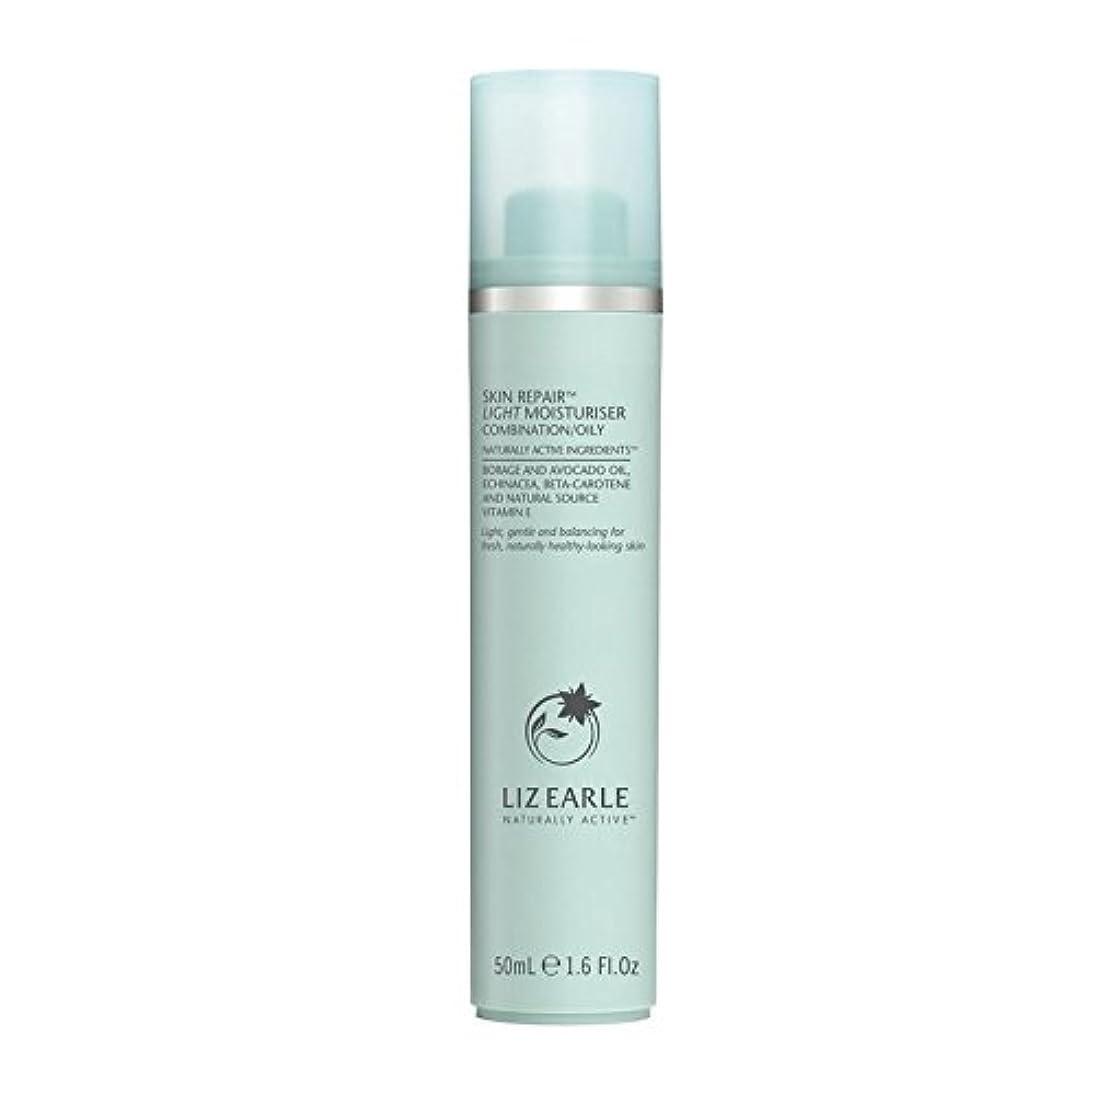 システム苦行落胆したLiz Earle Skin Repair Light Moisturiser Combination/Oily 50ml (Pack of 6) - リズアールスキンリペア光の保湿剤の組み合わせ/油性50ミリリットル...